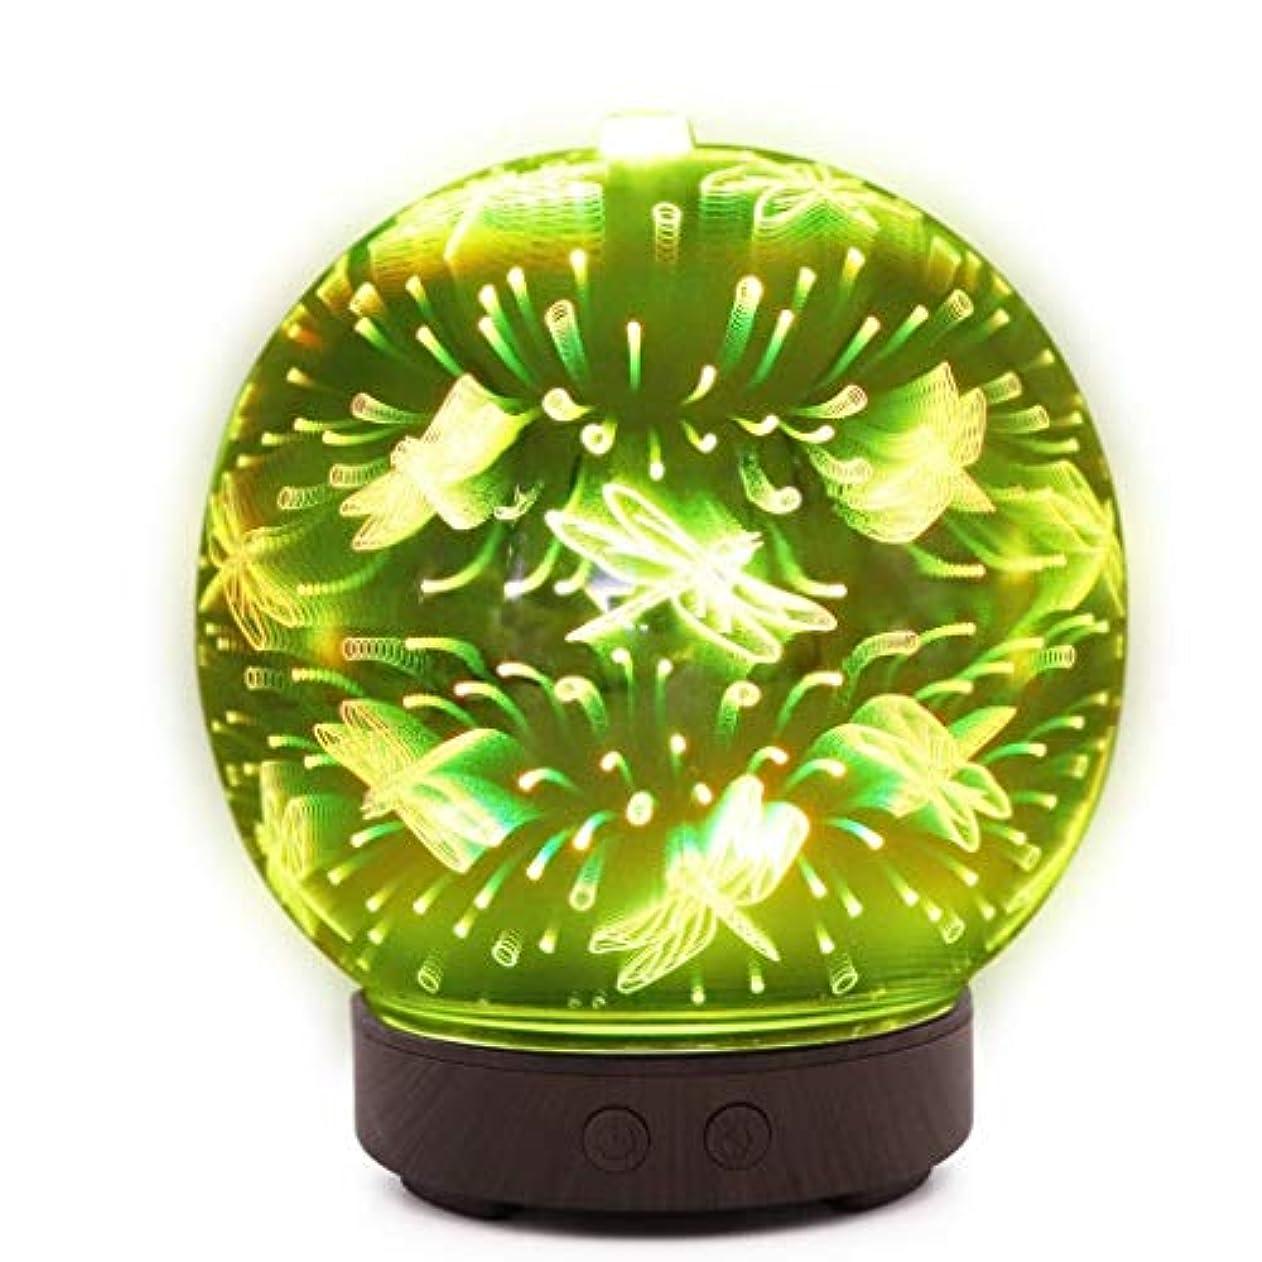 重荷十分です検出自動シャットオフ機能付き100mlミストディフューザー、7色LEDライト&大型水タンク - ホームヨガの寝室のための3D効果ナイトライトアロマ加湿器 (Color : Dragonfly Pattern)